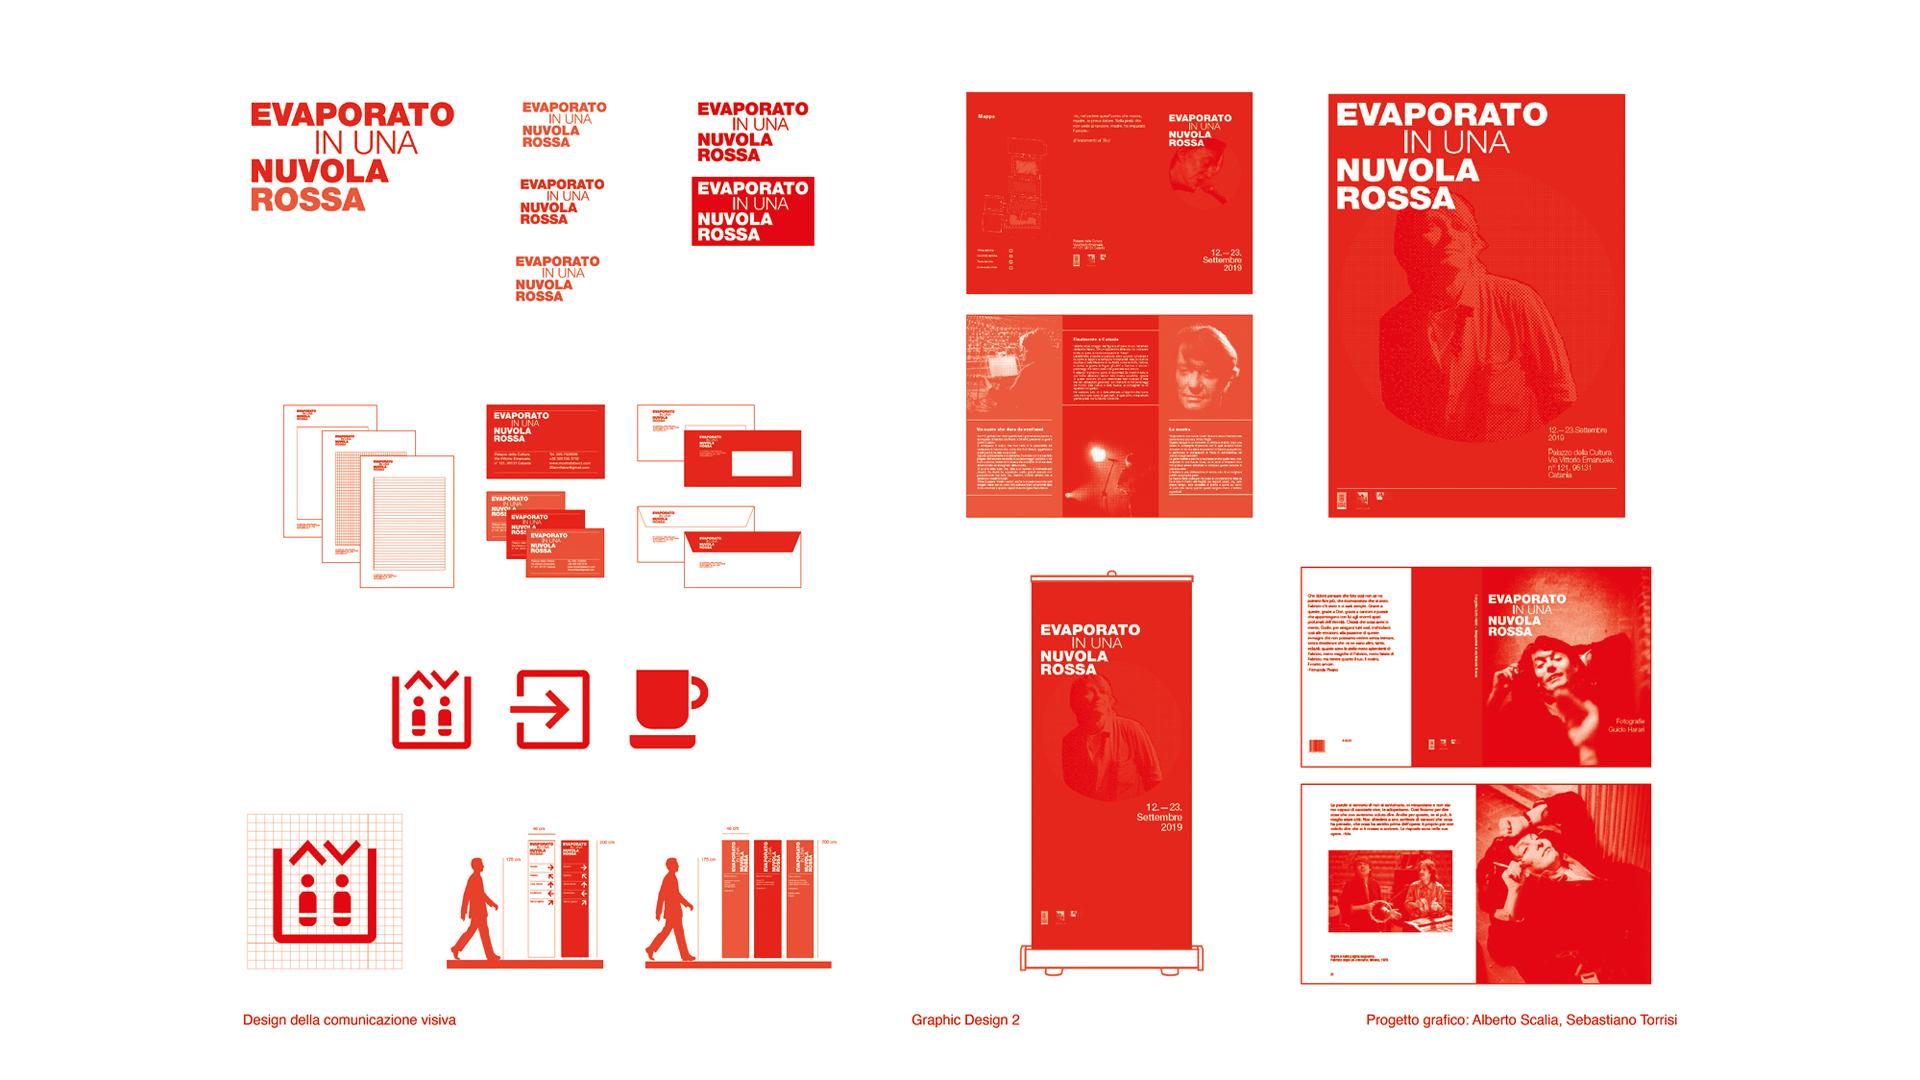 DAPL06 – Design della comunicazione visiva